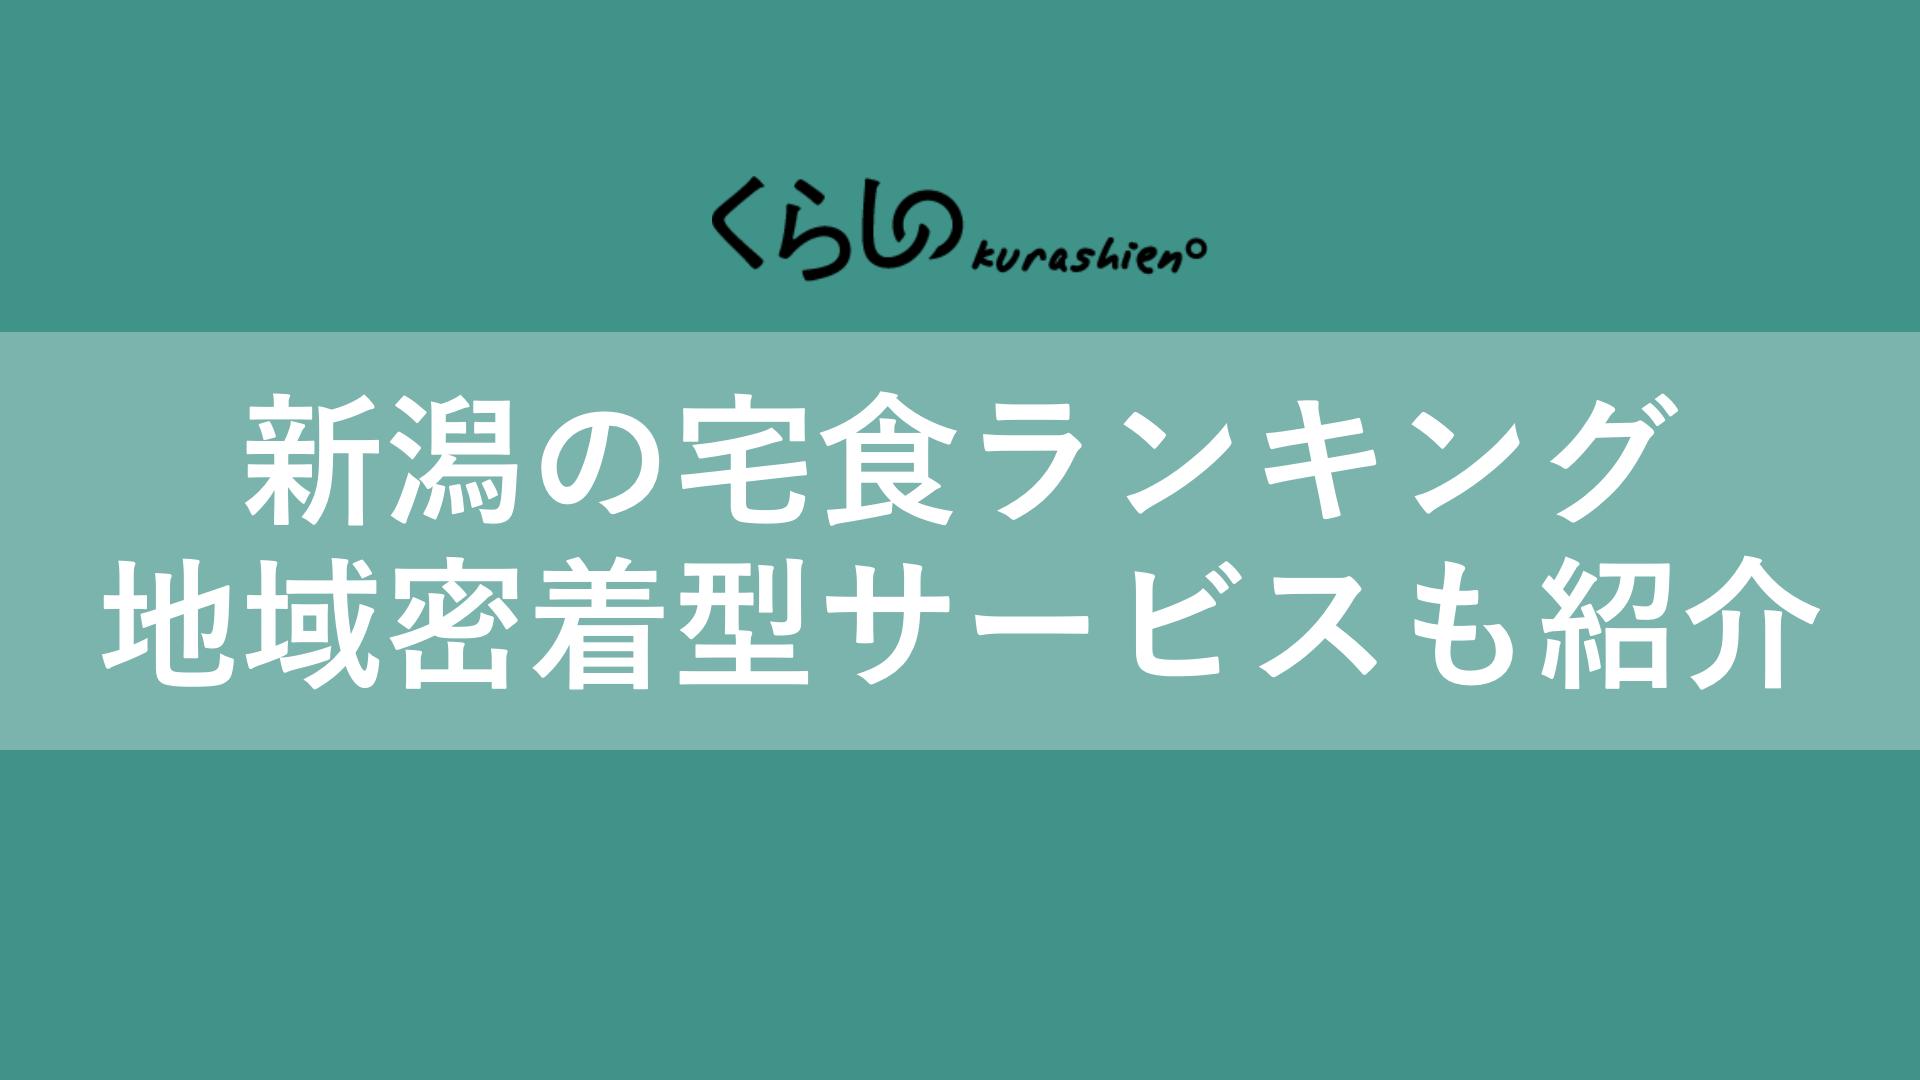 新潟県の宅食サービス・宅配弁当おすすめランキング!地域密着型サービスも紹介